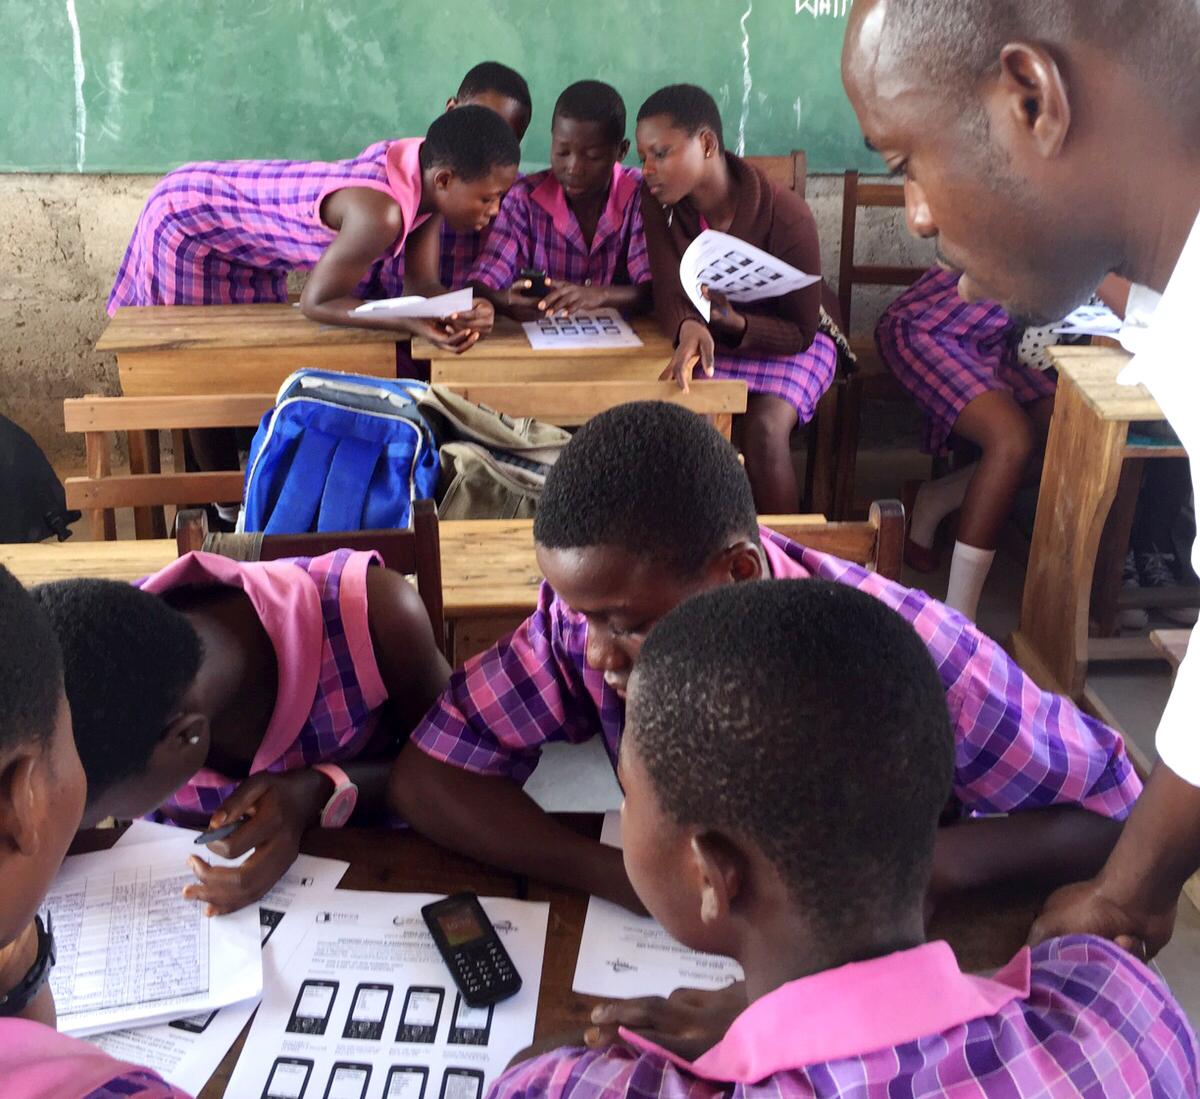 Группы школьников сгрудились за столами, с мобильными телефонами и учебно-методическими материалами (Courtesy of Eneza Education)